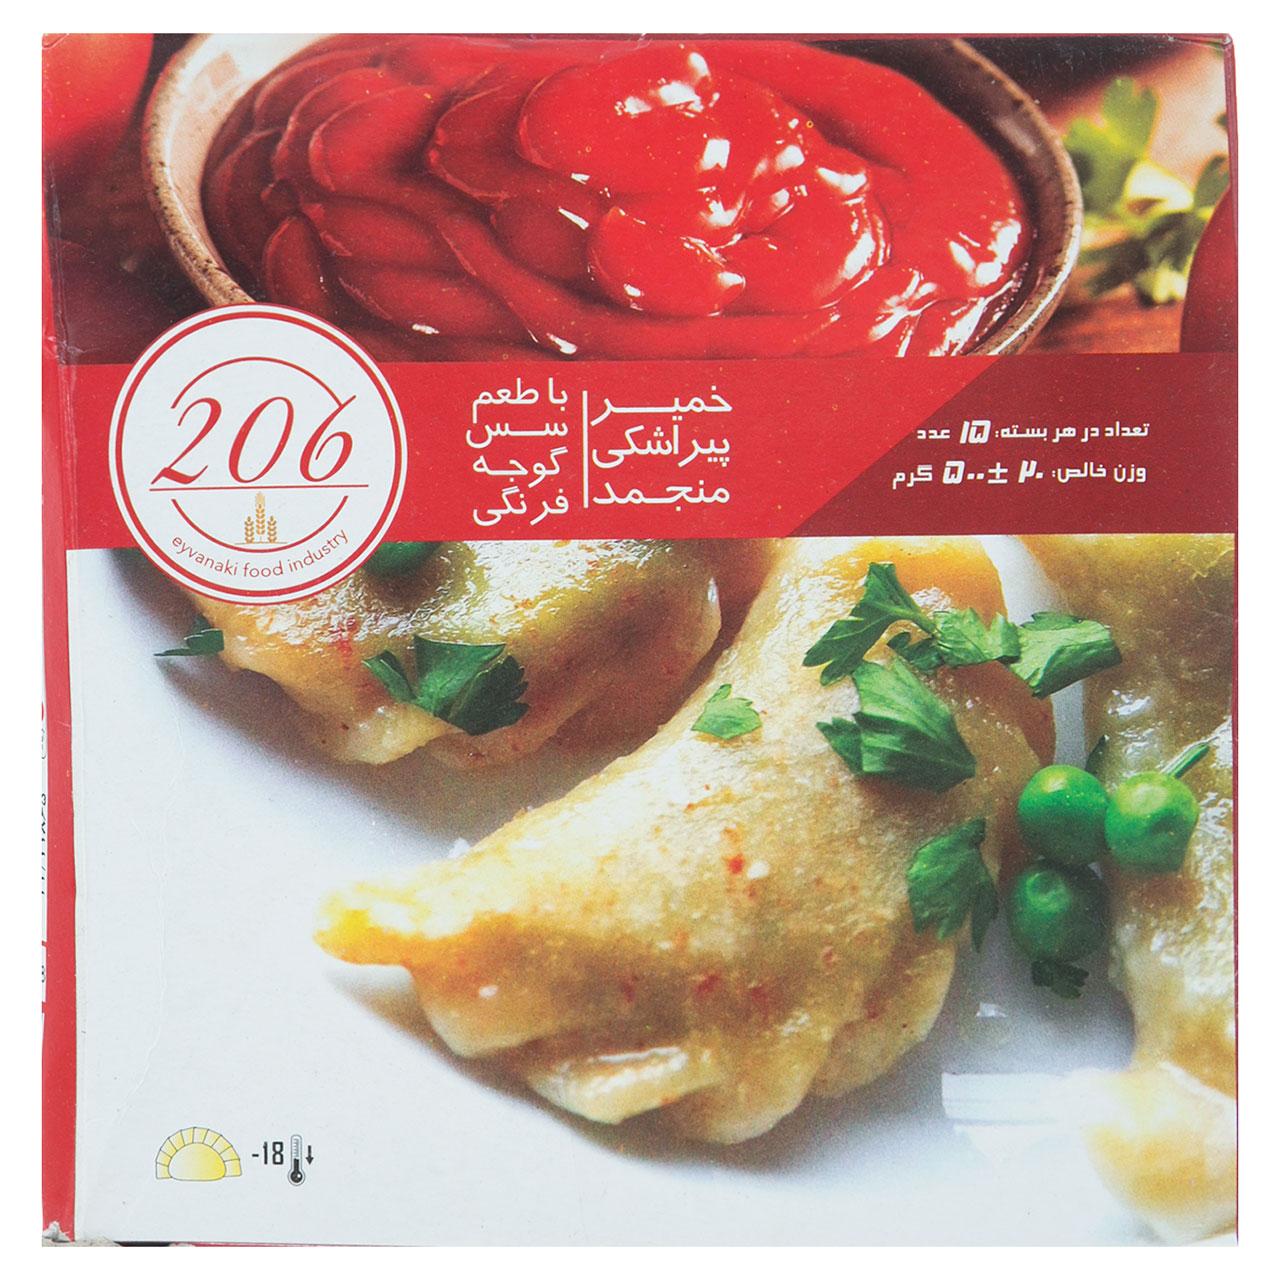 خمیر پیراشکی منجمد با طعم سس گوجه فرنگی 206 مقدار 500 گرم